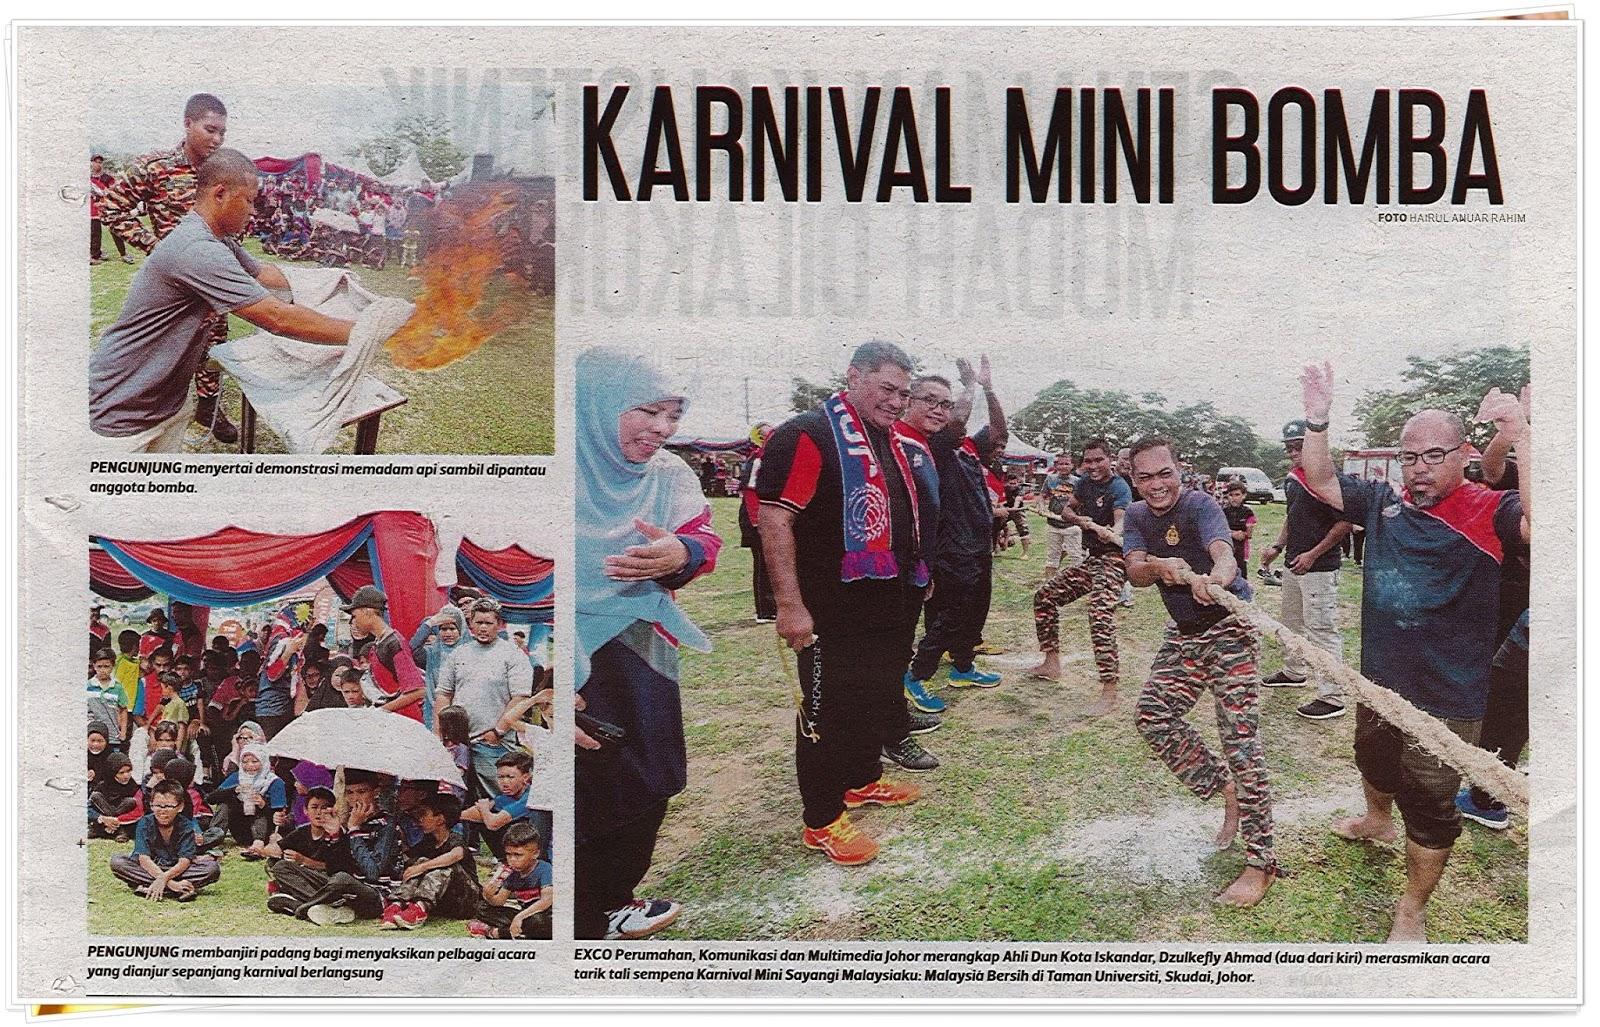 Karnival mini bomba - Keratan akhbar Harian Metro 19 September 2019